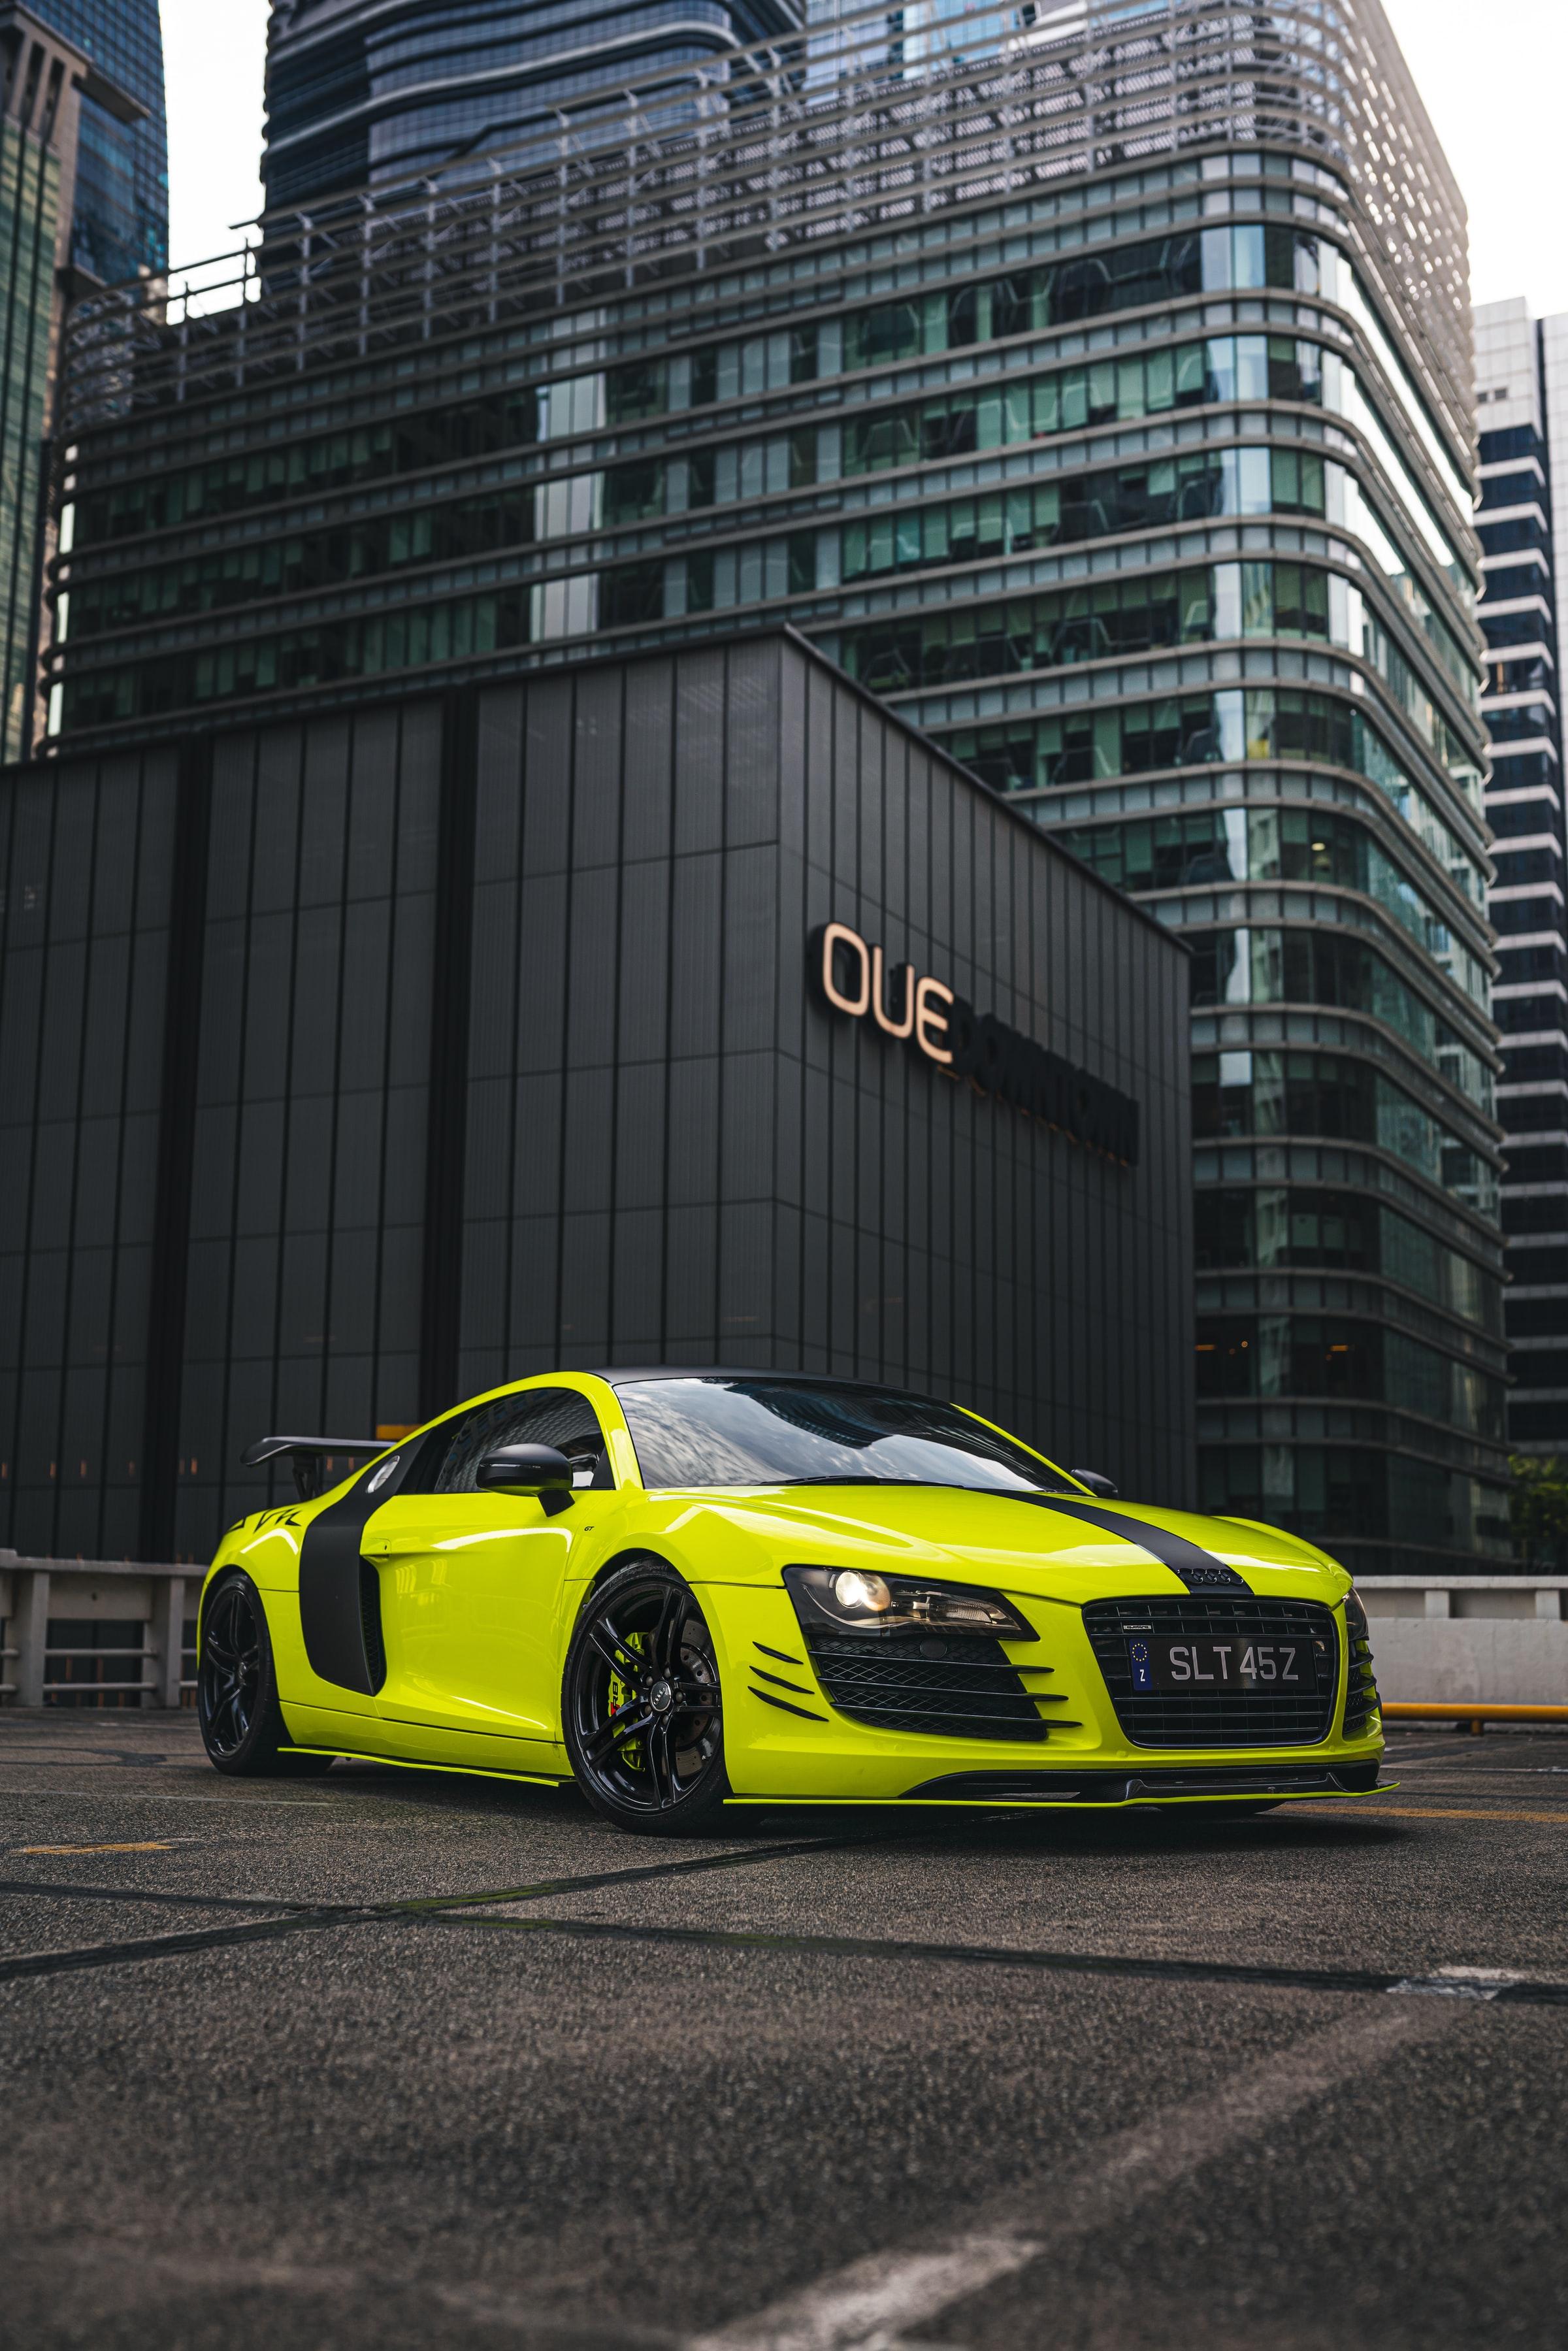 79168 Заставки и Обои Тачки (Cars) на телефон. Скачать Тачки (Cars), Ауди (Audi), Автомобиль, Спорткар, Желтый, Audi R8 картинки бесплатно